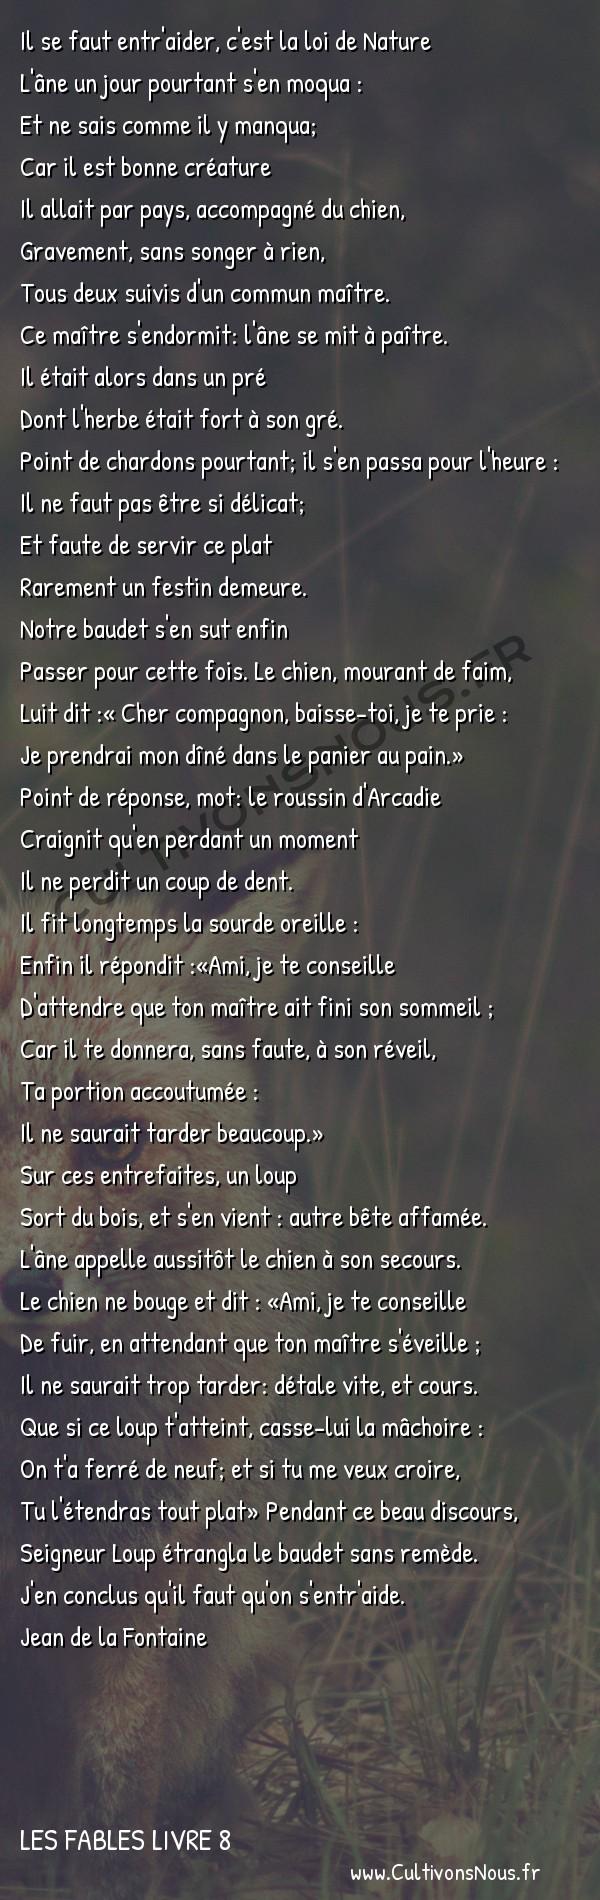 Fables Jean de la Fontaine - Les fables Livre 8 - L' Ane et le Chien -   Il se faut entr'aider, c'est la loi de Nature L'âne un jour pourtant s'en moqua :